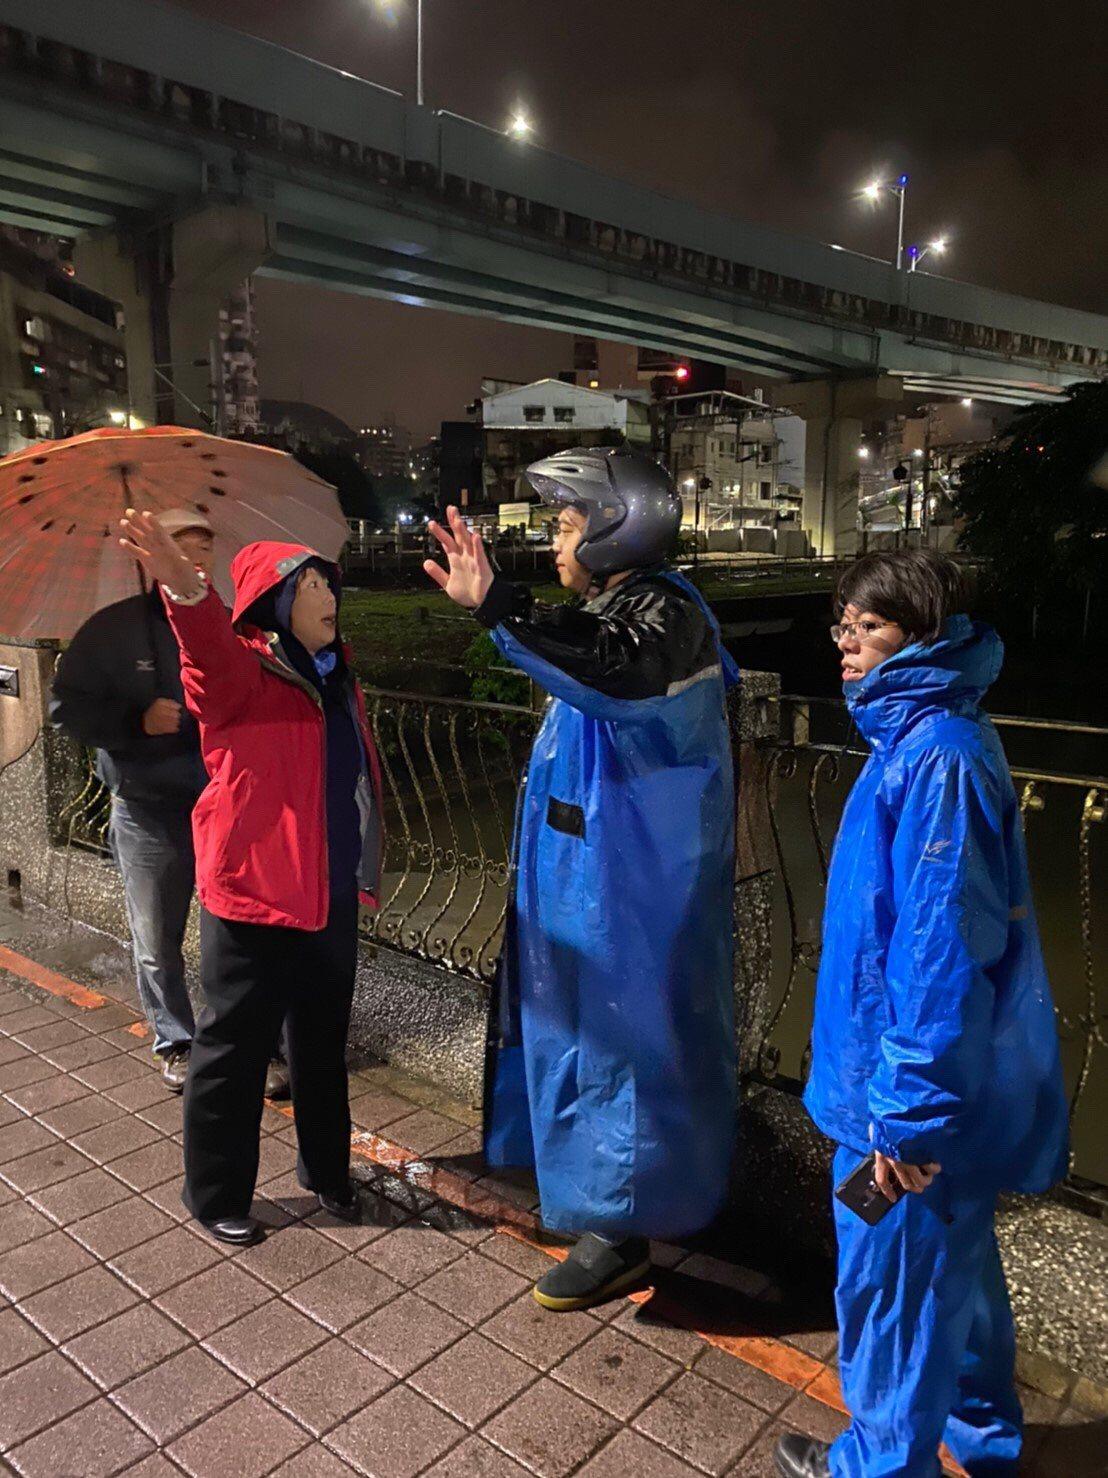 基隆西定河大雨疑遭偷倒廢油,民眾臭到受不了。圖/議員鄭文婷提供